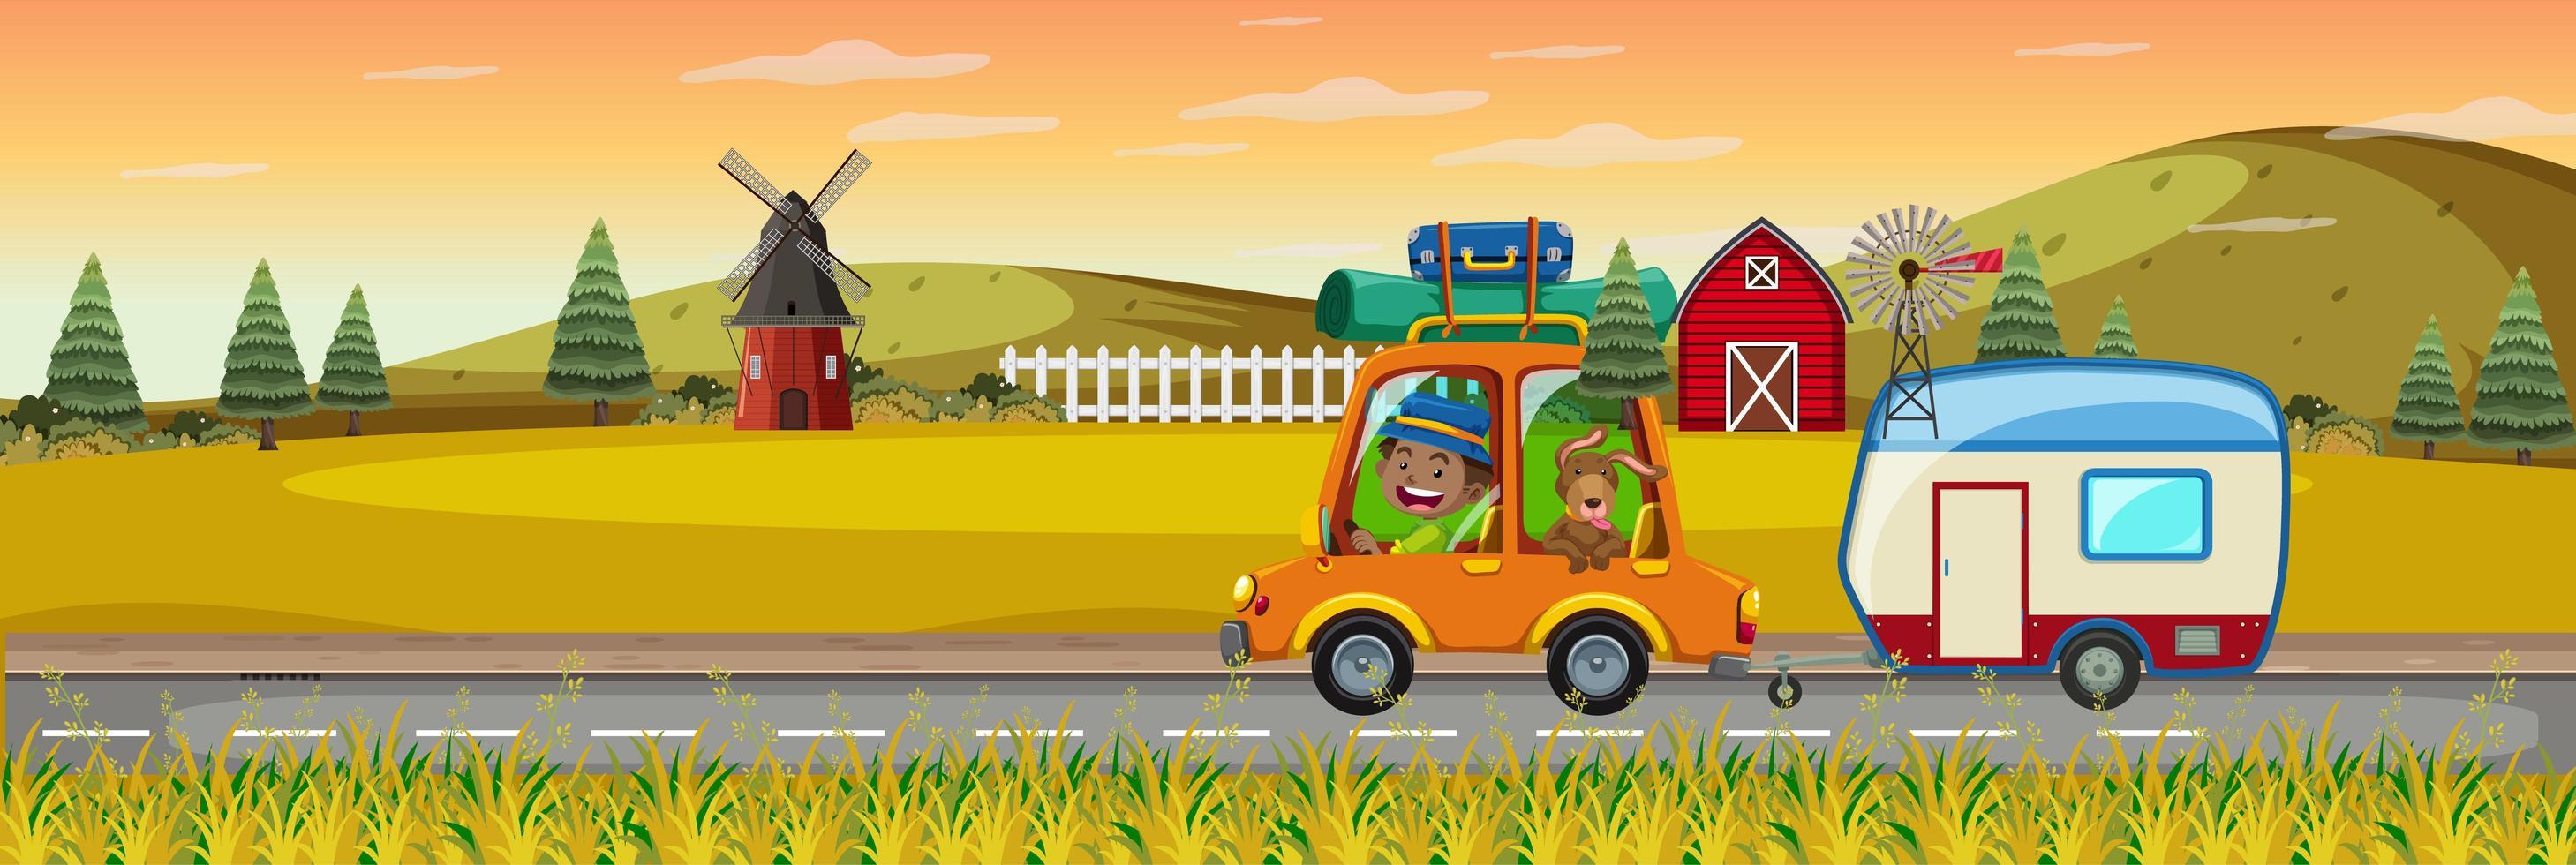 bambini in viaggio nella scena della fattoria orizzontale al tramonto vettore